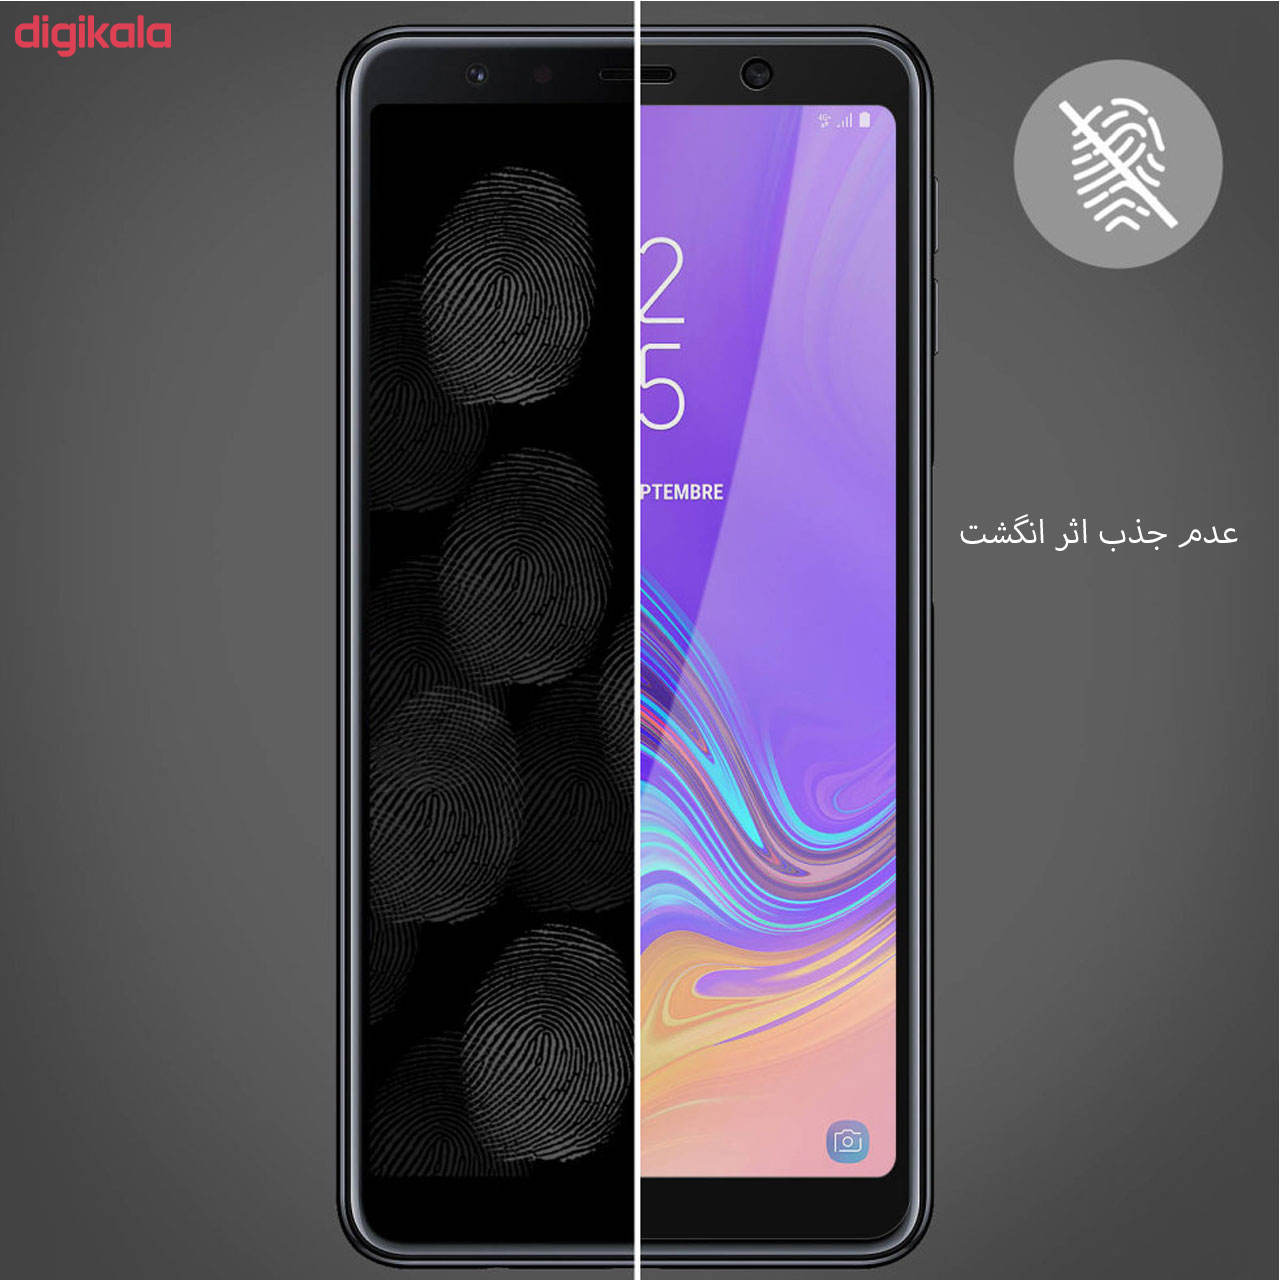 محافظ صفحه نمایش ریبایل مدل RSP مناسب برای گوشی موبایل سامسونگ Galaxy A7 2018 main 1 2